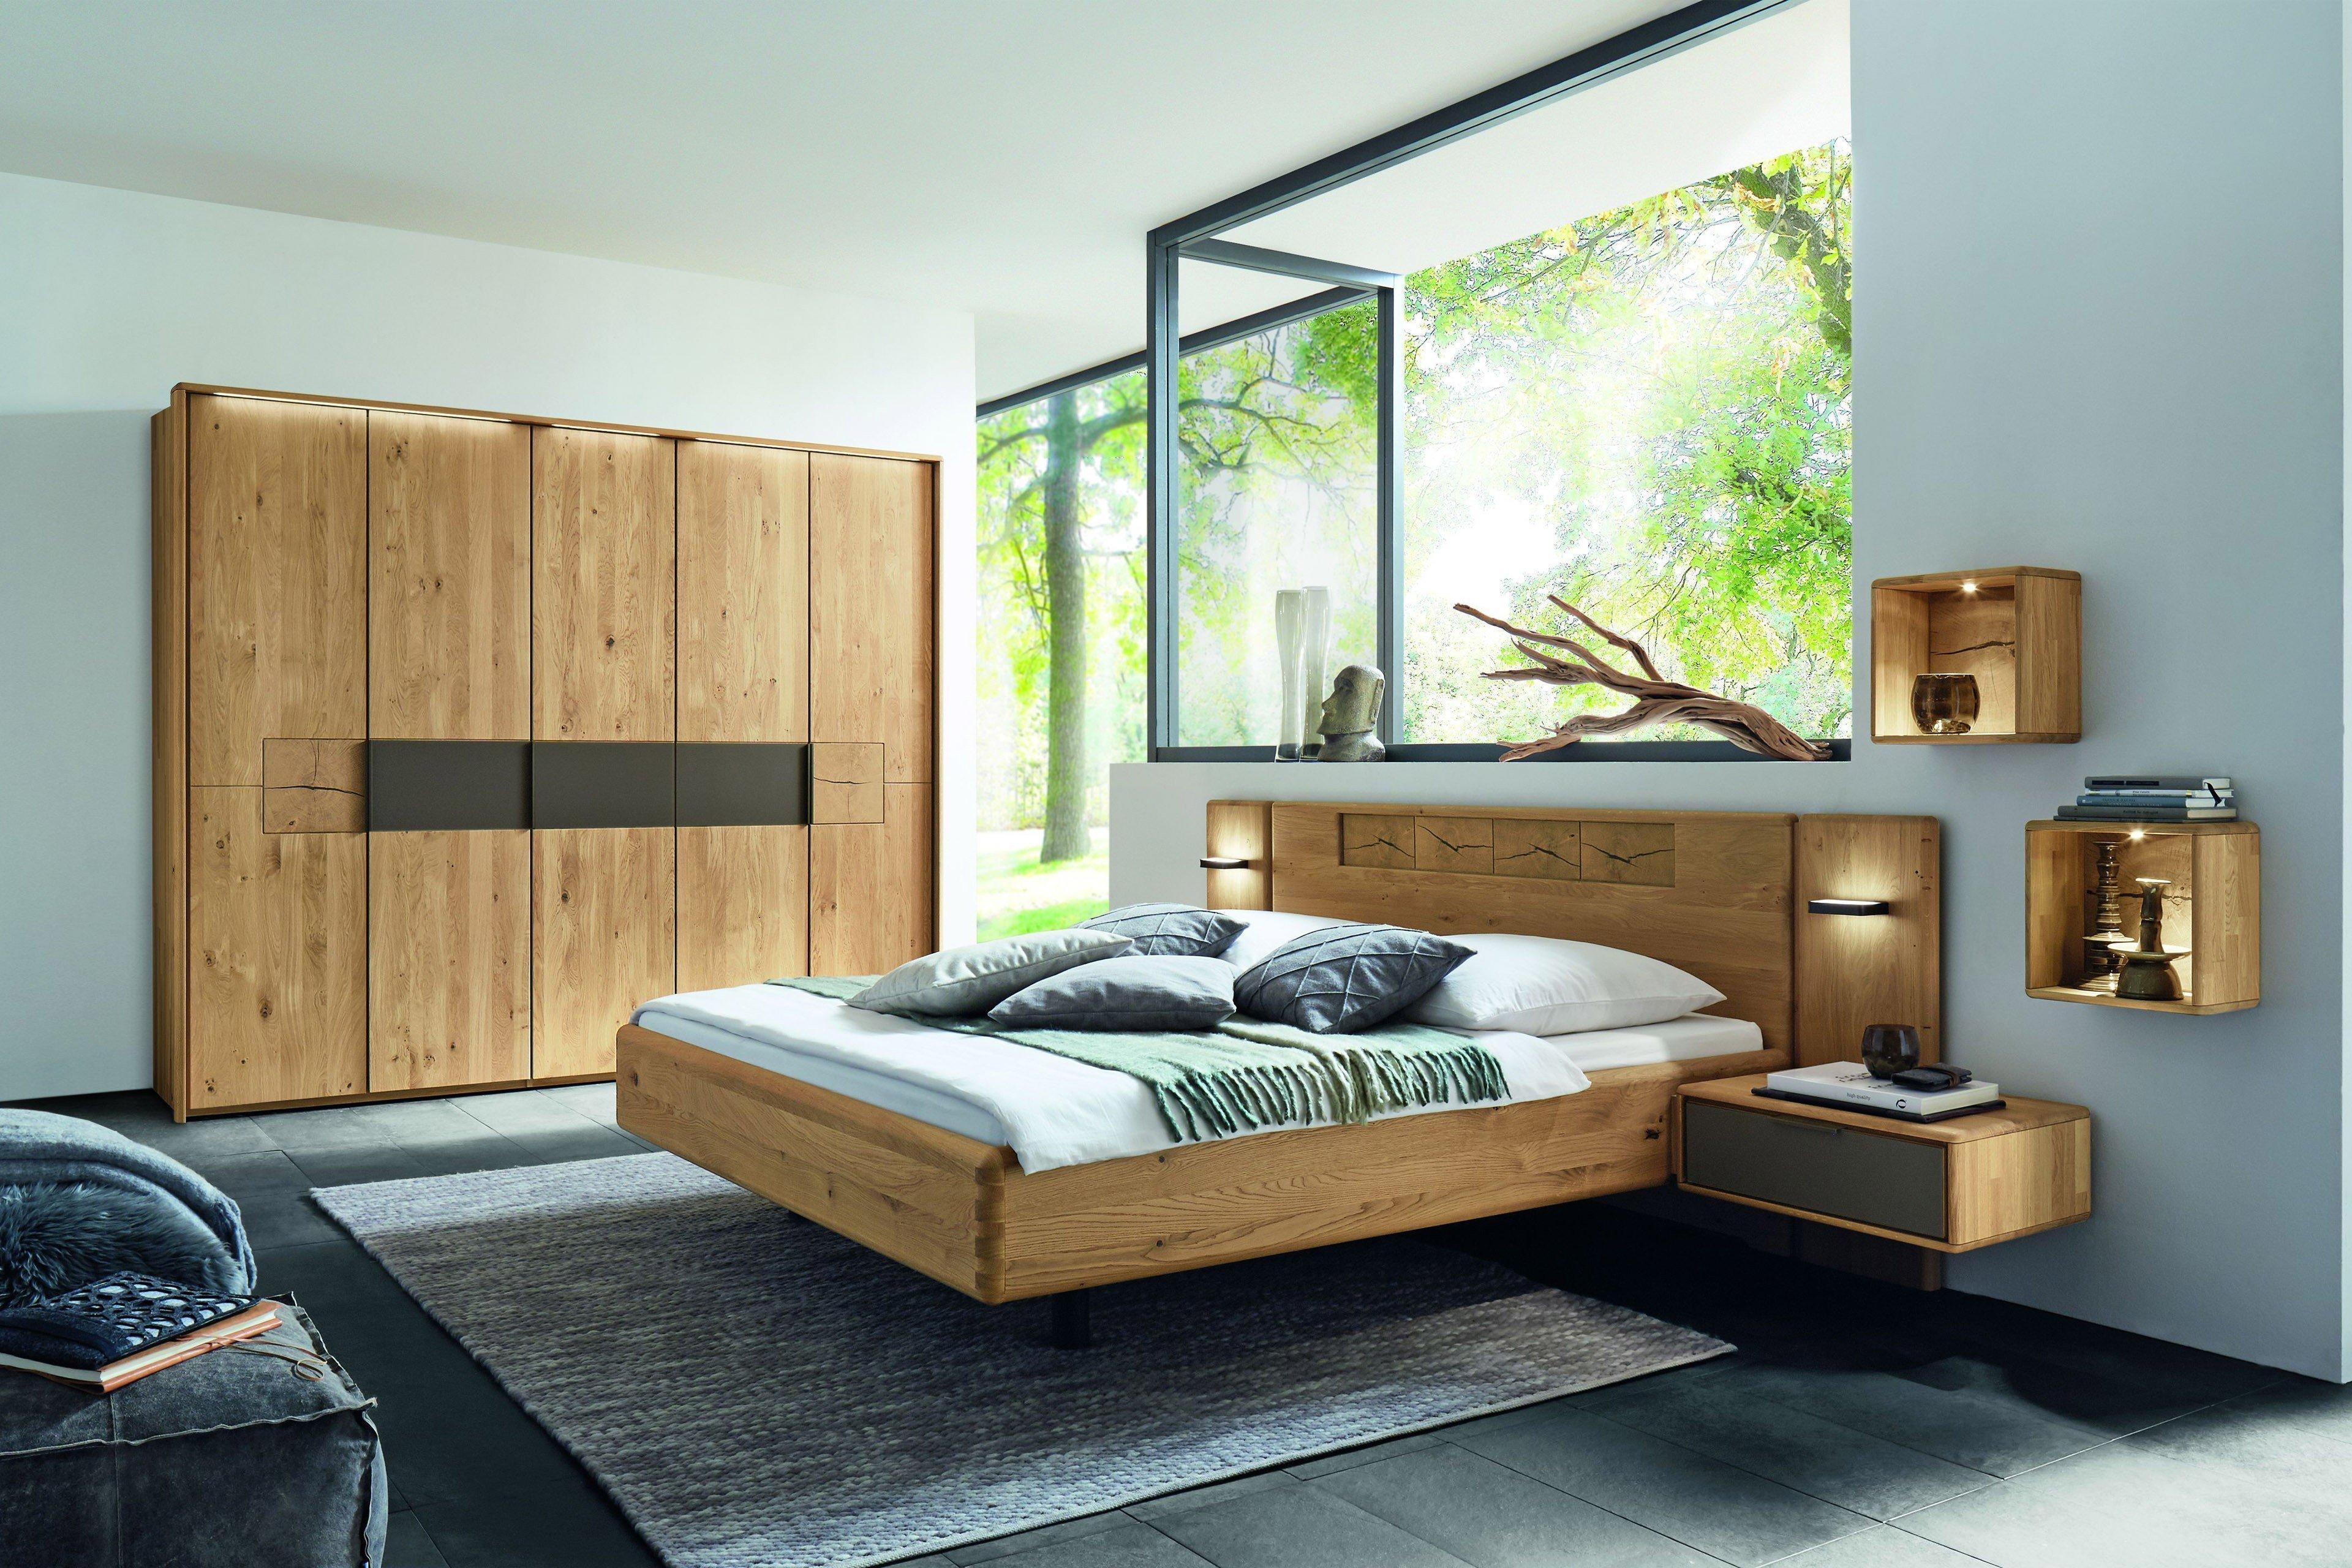 WSM 11 von Wöstmann - Schlafzimmermöbel Wildeiche